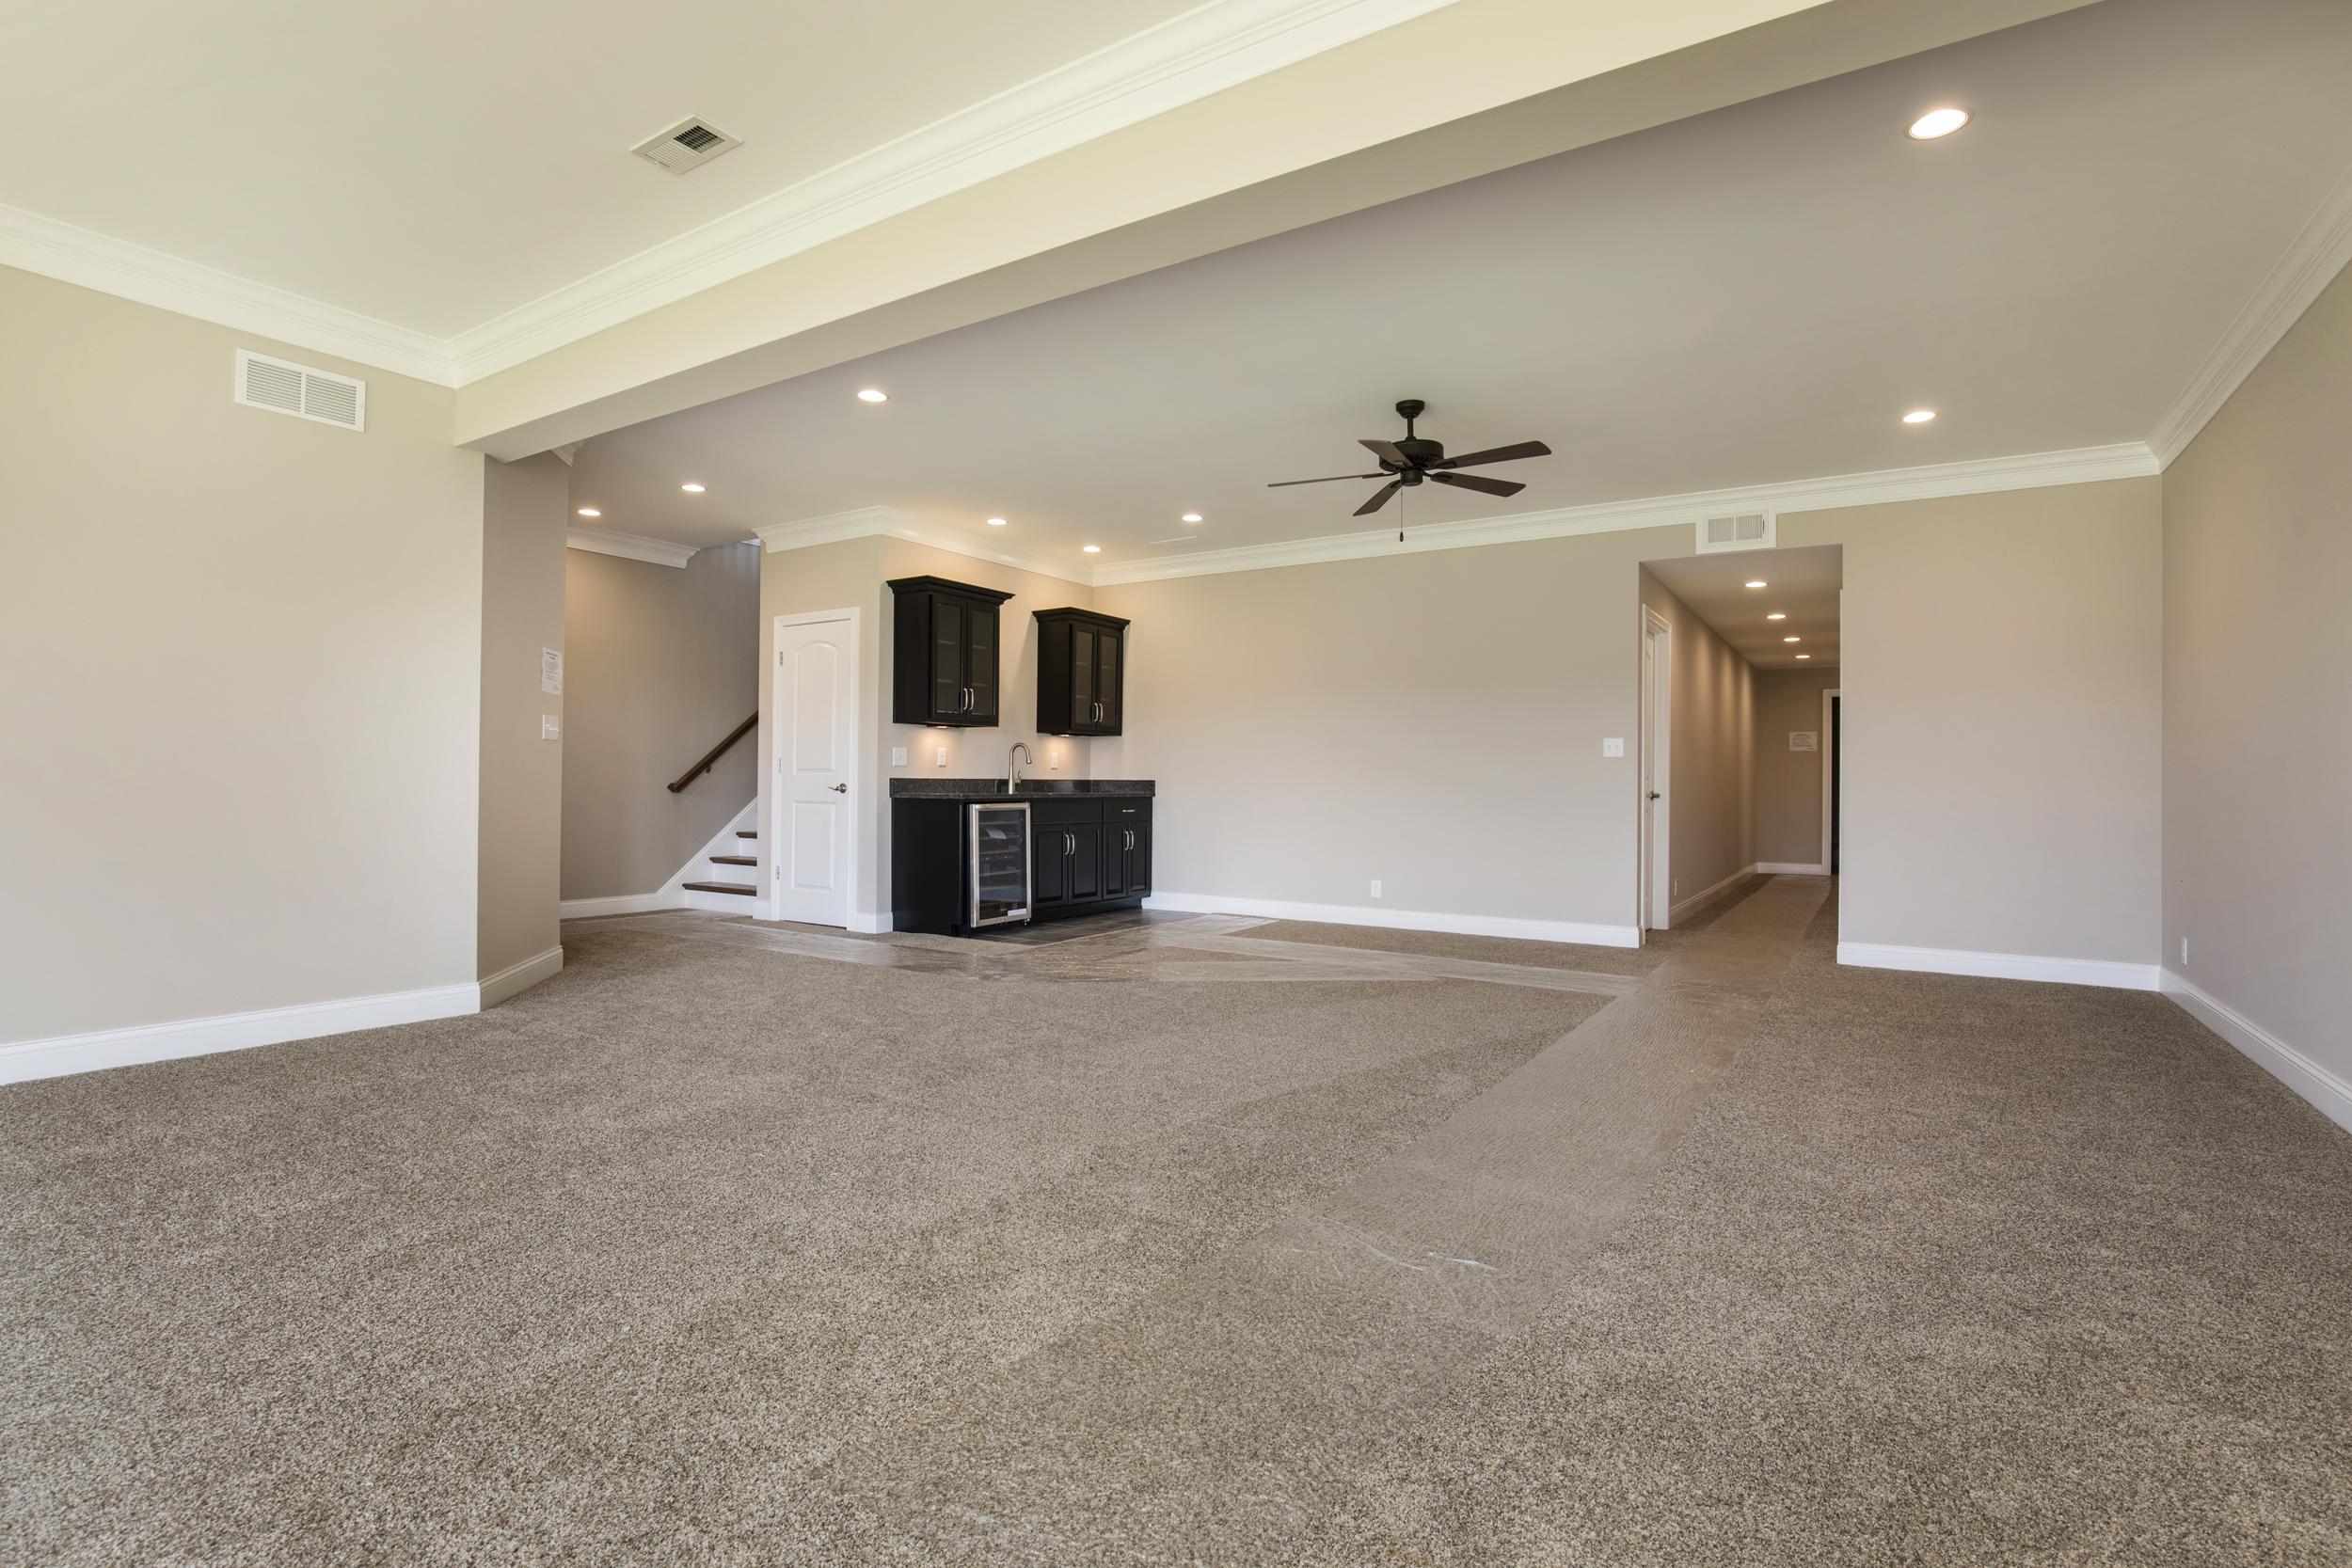 44-LL family room